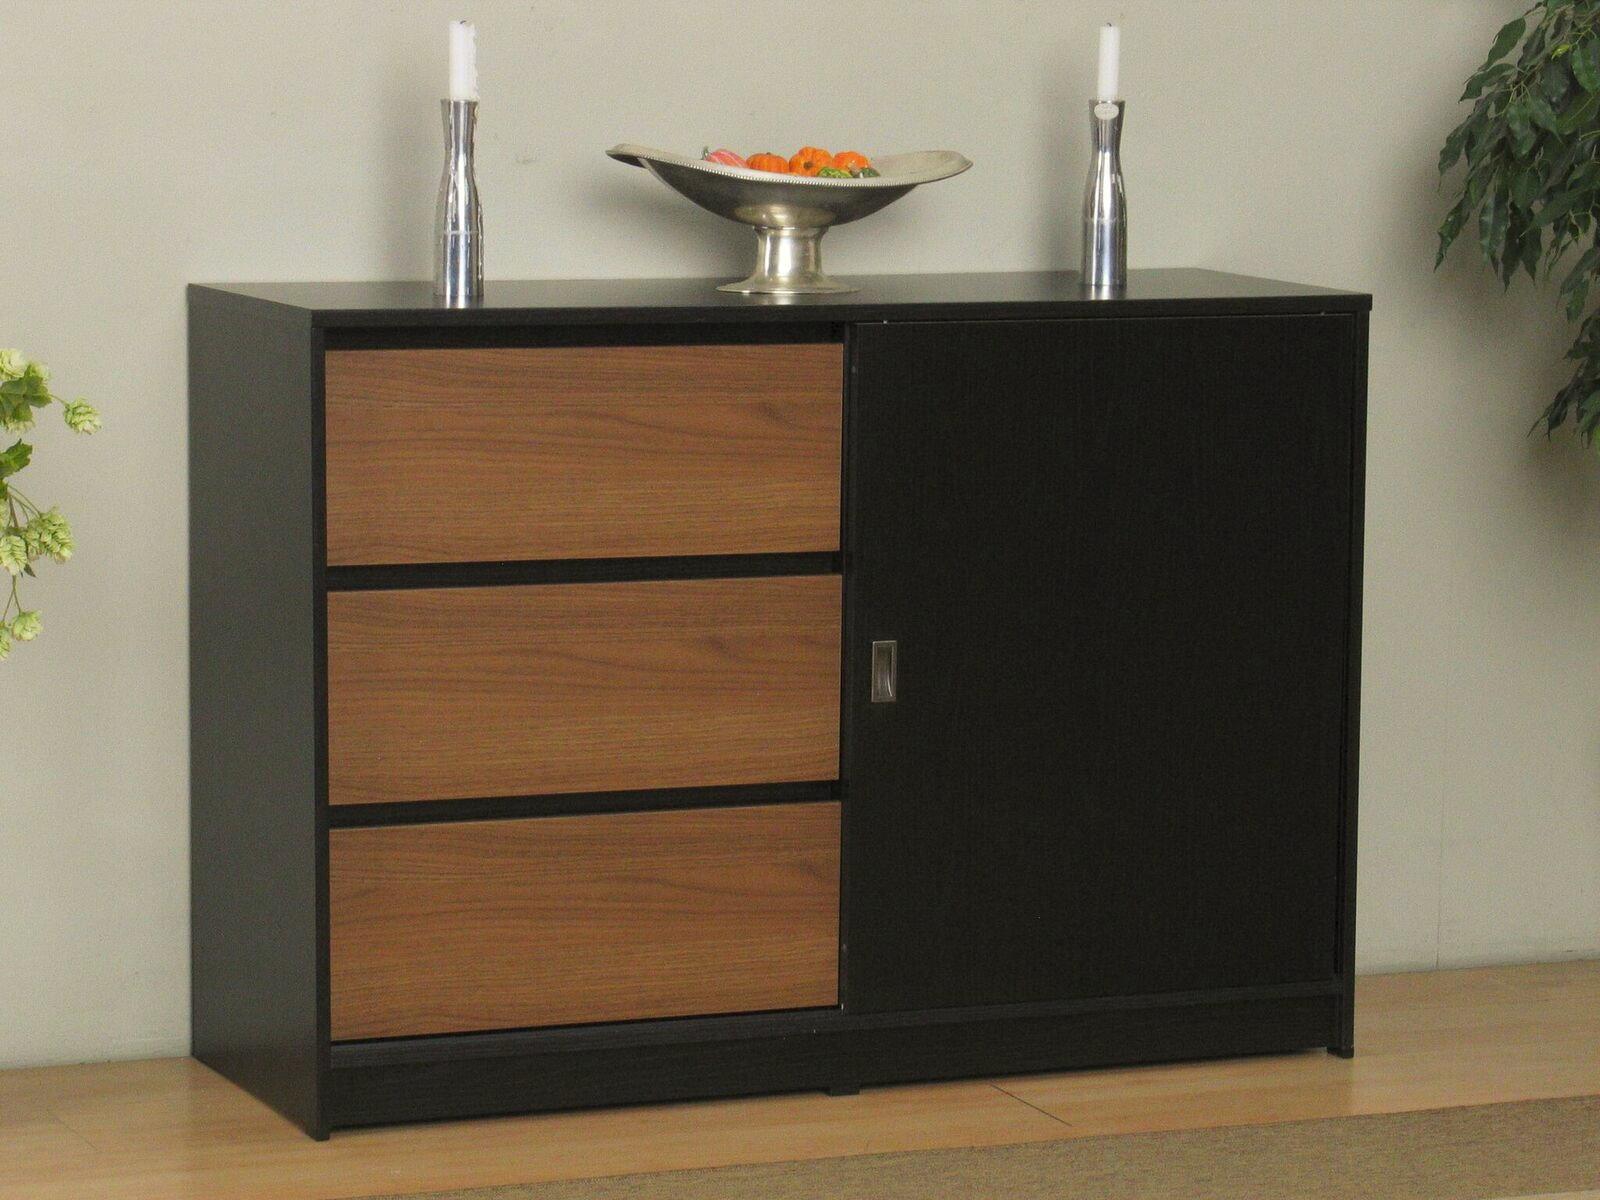 kommode cicci sideboard schubladen schrank highboard anrichte schwarz walnuss m bel wohnen. Black Bedroom Furniture Sets. Home Design Ideas